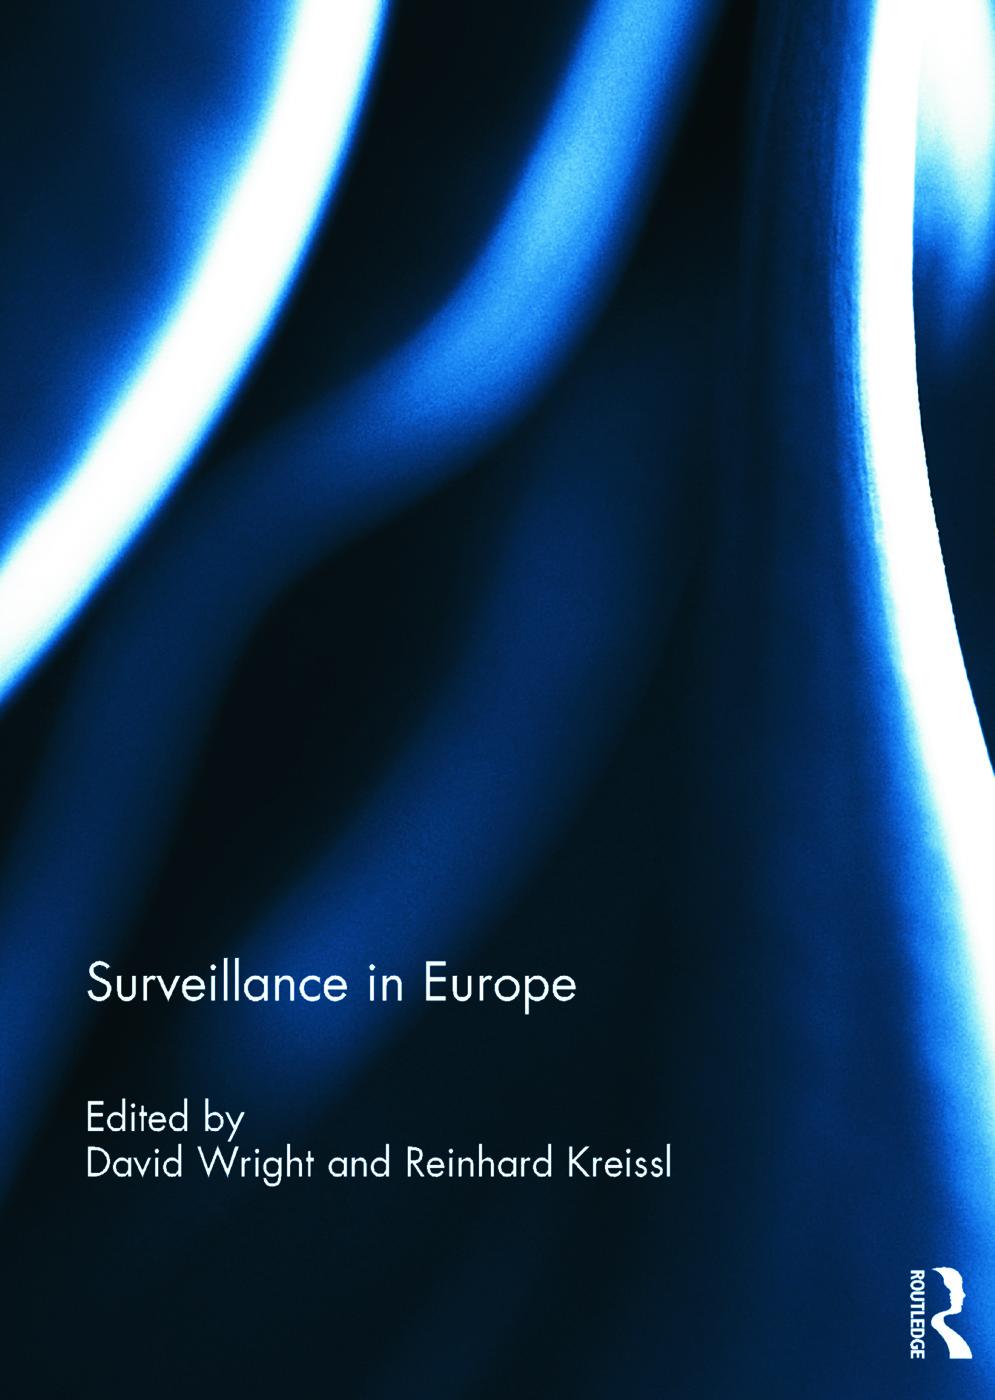 Surveillance in Europe